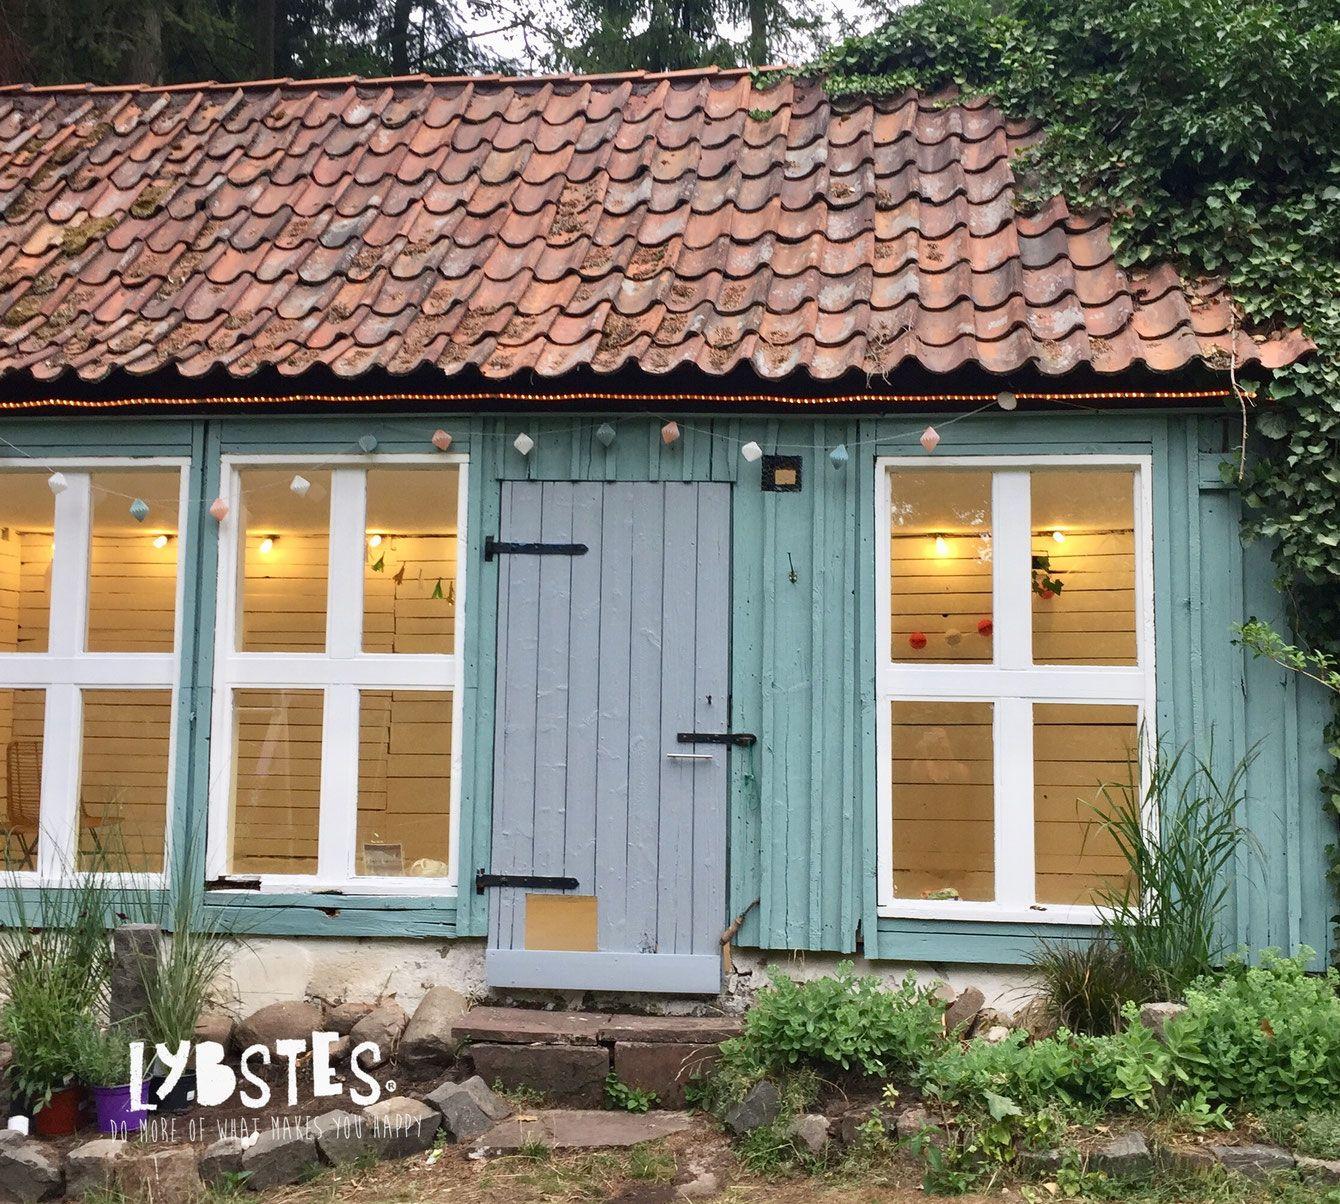 Lybstes Haus Gartenhaus Renovieren In Mint Und Grau Hauskauf2018 Interiordesign In 2020 Gartenhaus Haus Streichen Haus